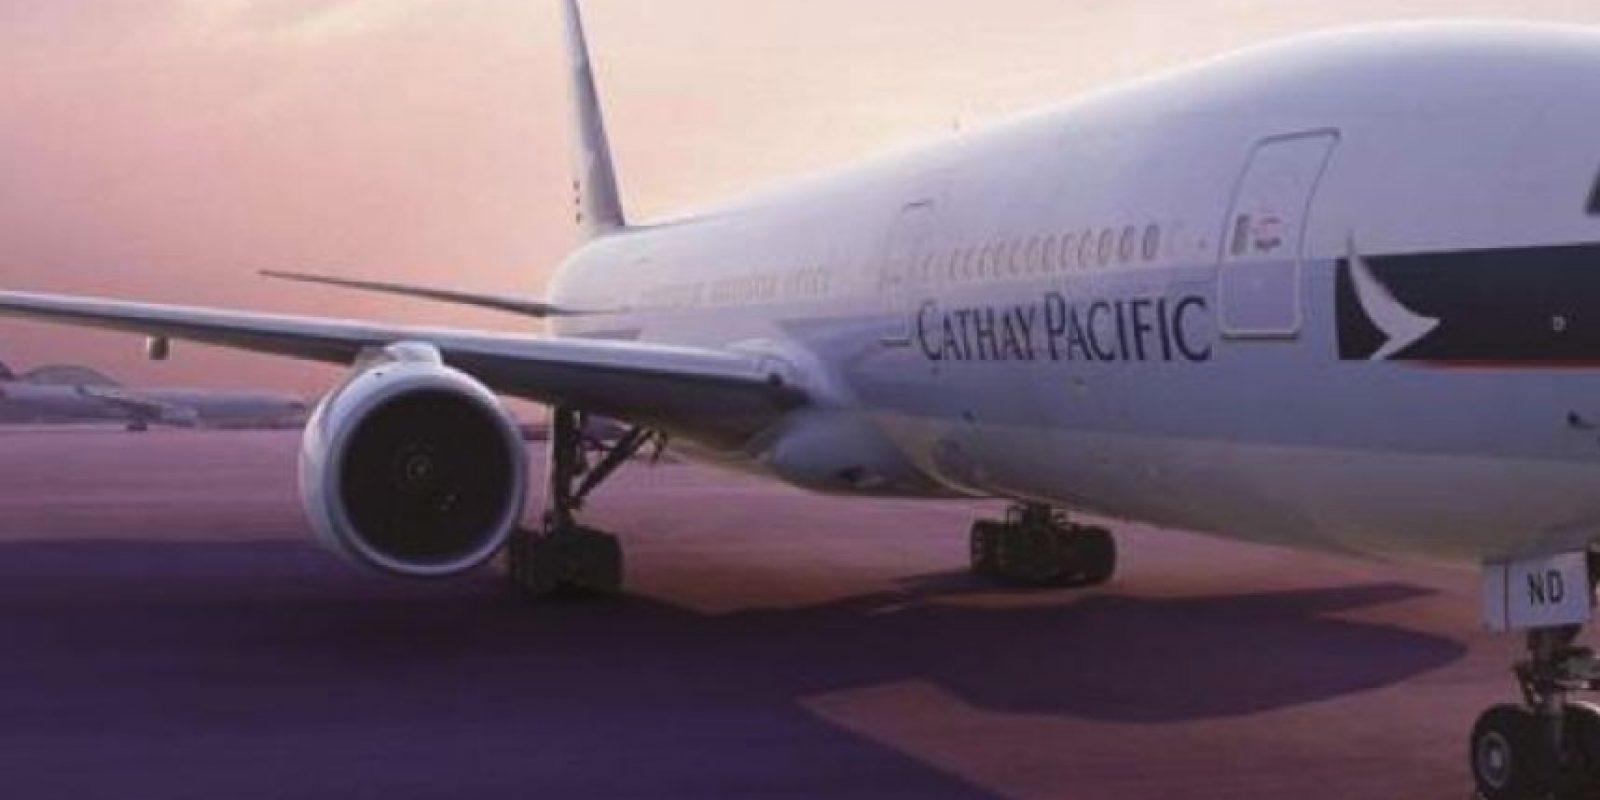 Cathay Pacific Airways-Hong Kong Foto:Facebook.com/cathaypacificLA